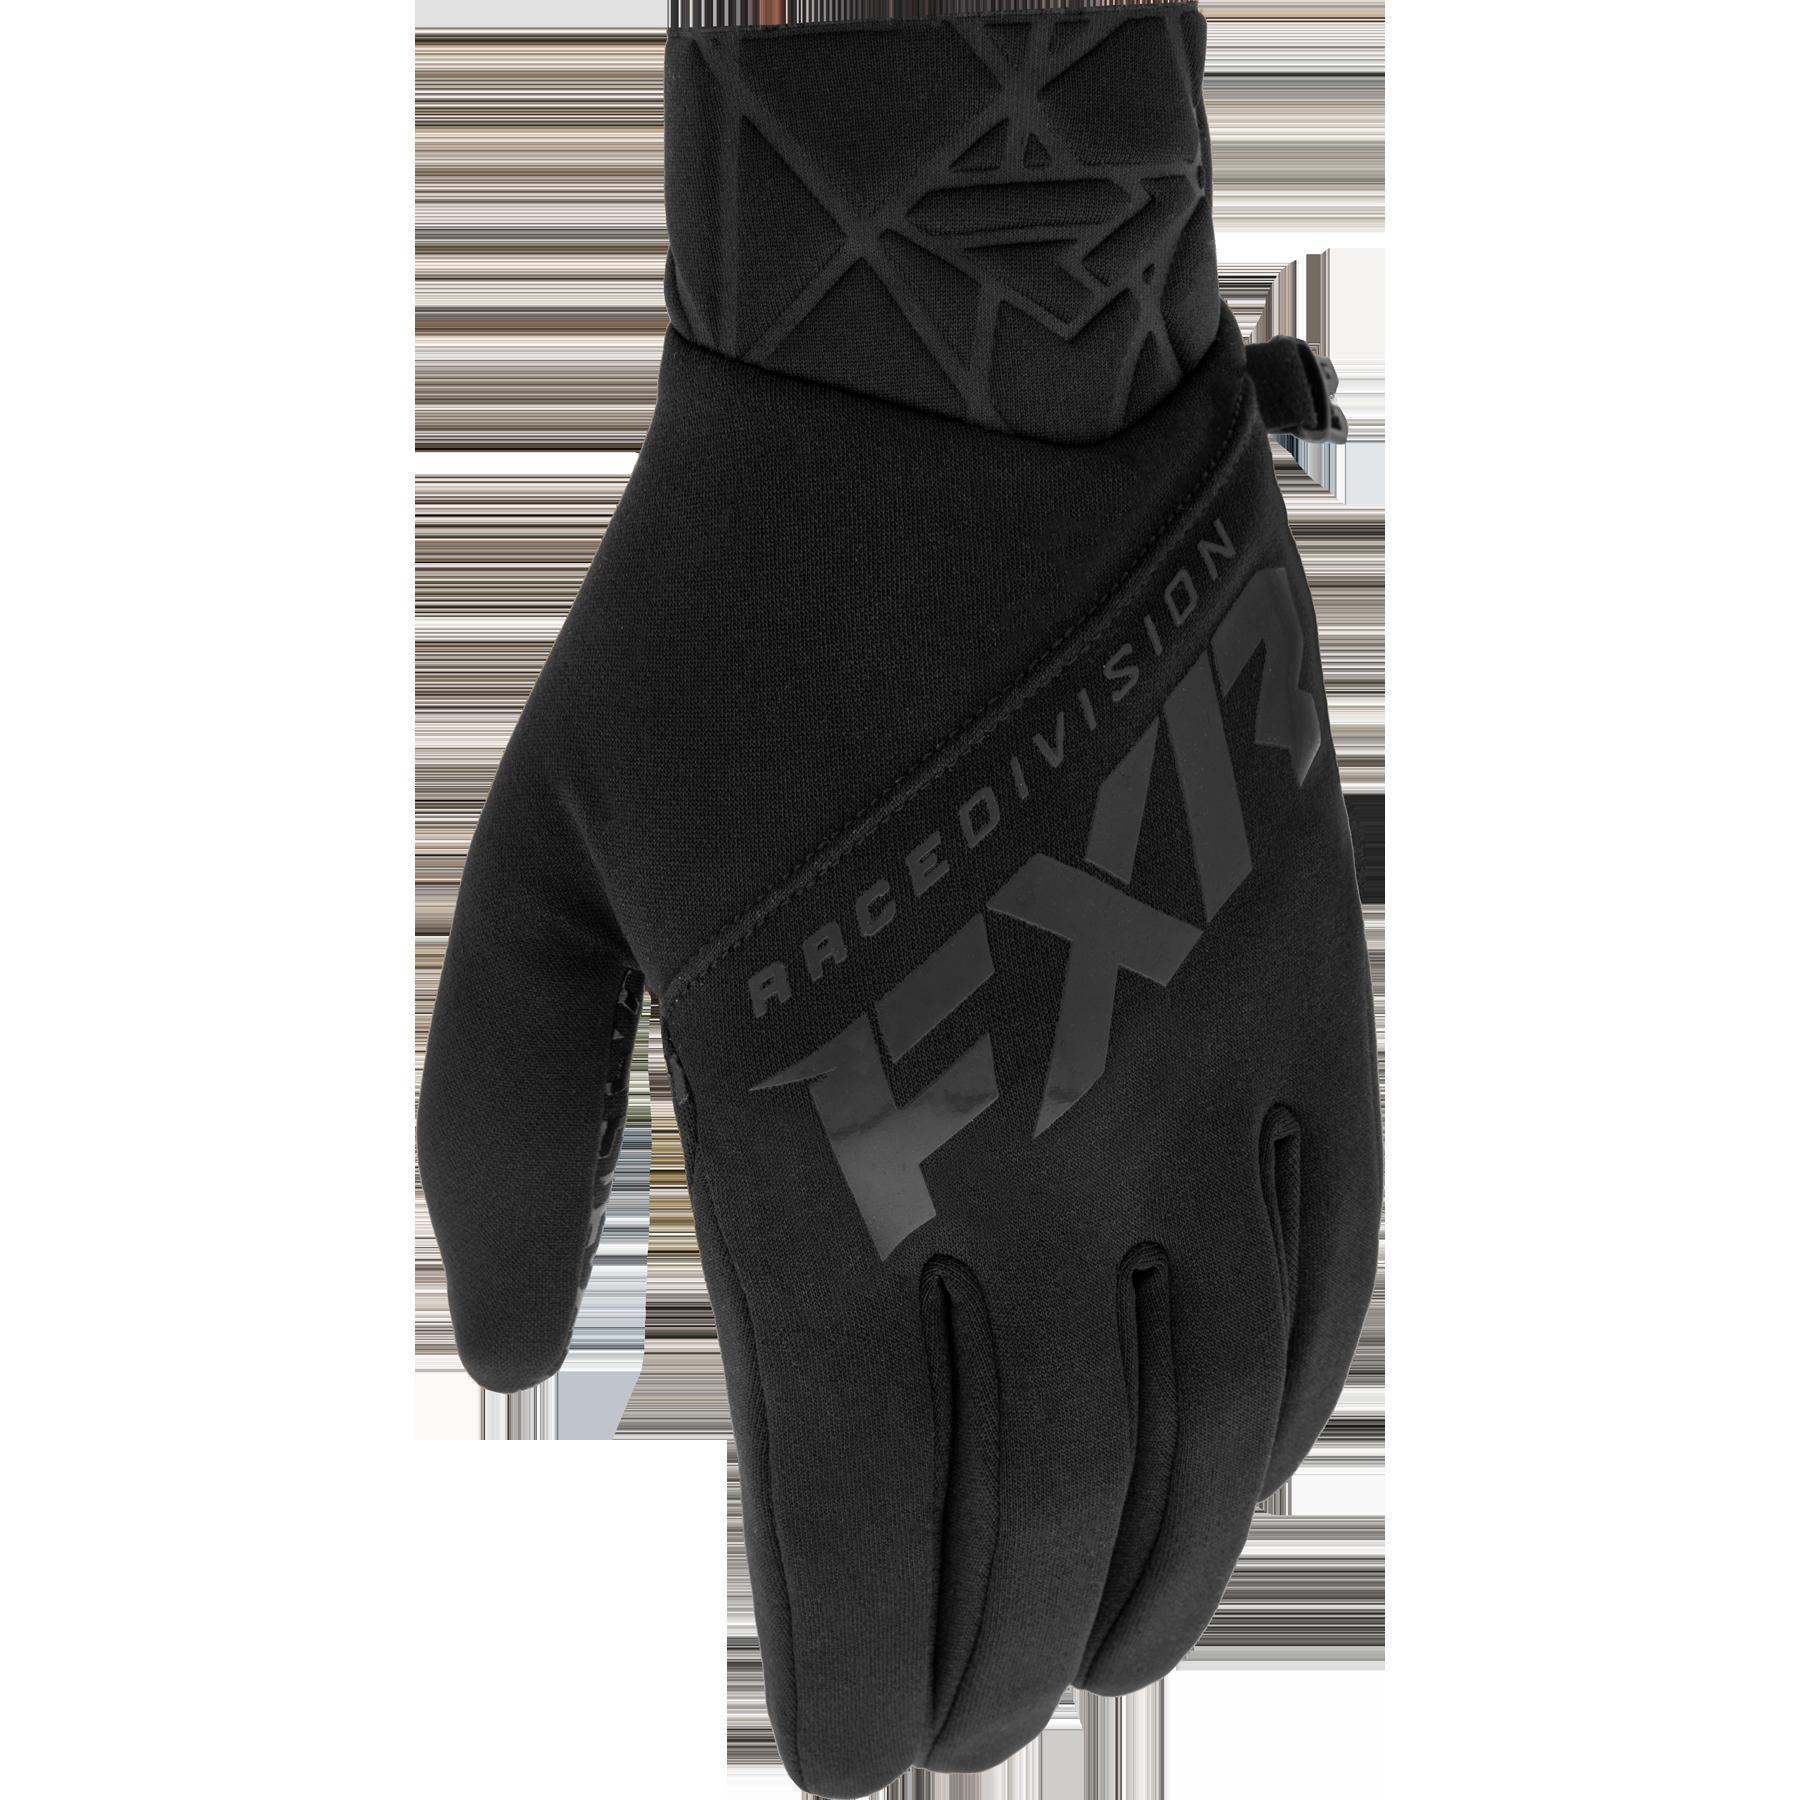 Venus Glove 22 KI 3